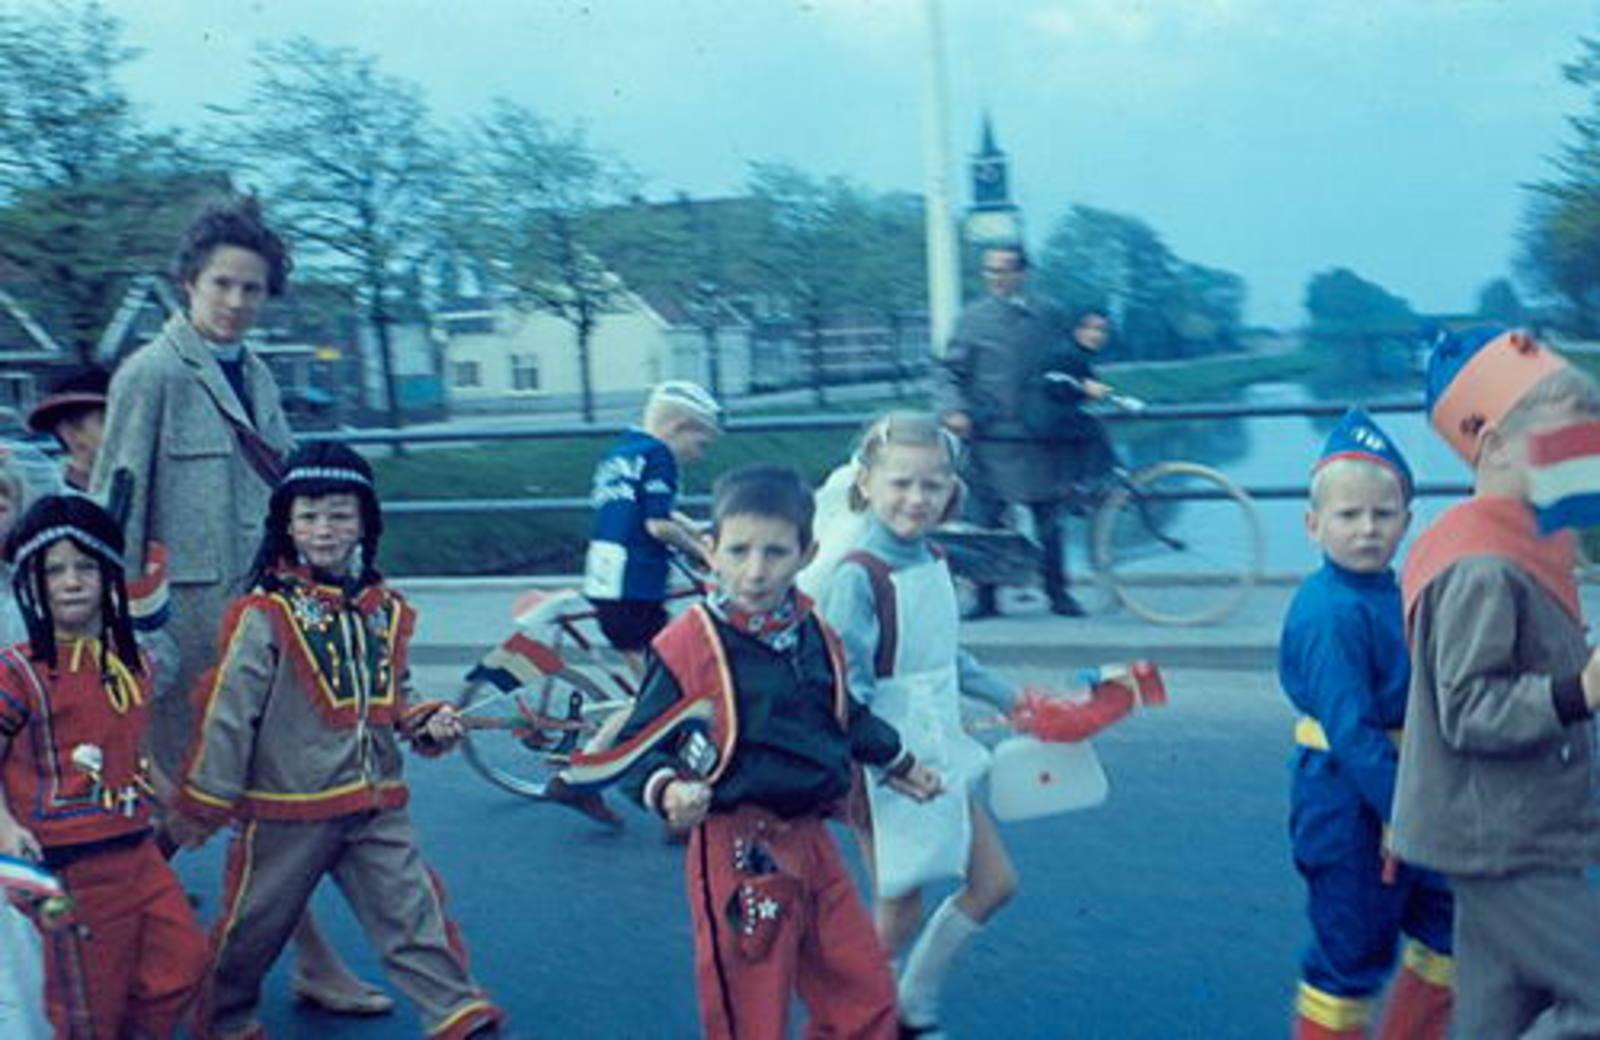 Hoofdweg O 0746+ 1967± met optocht Koninginnedag op Terveenbrug